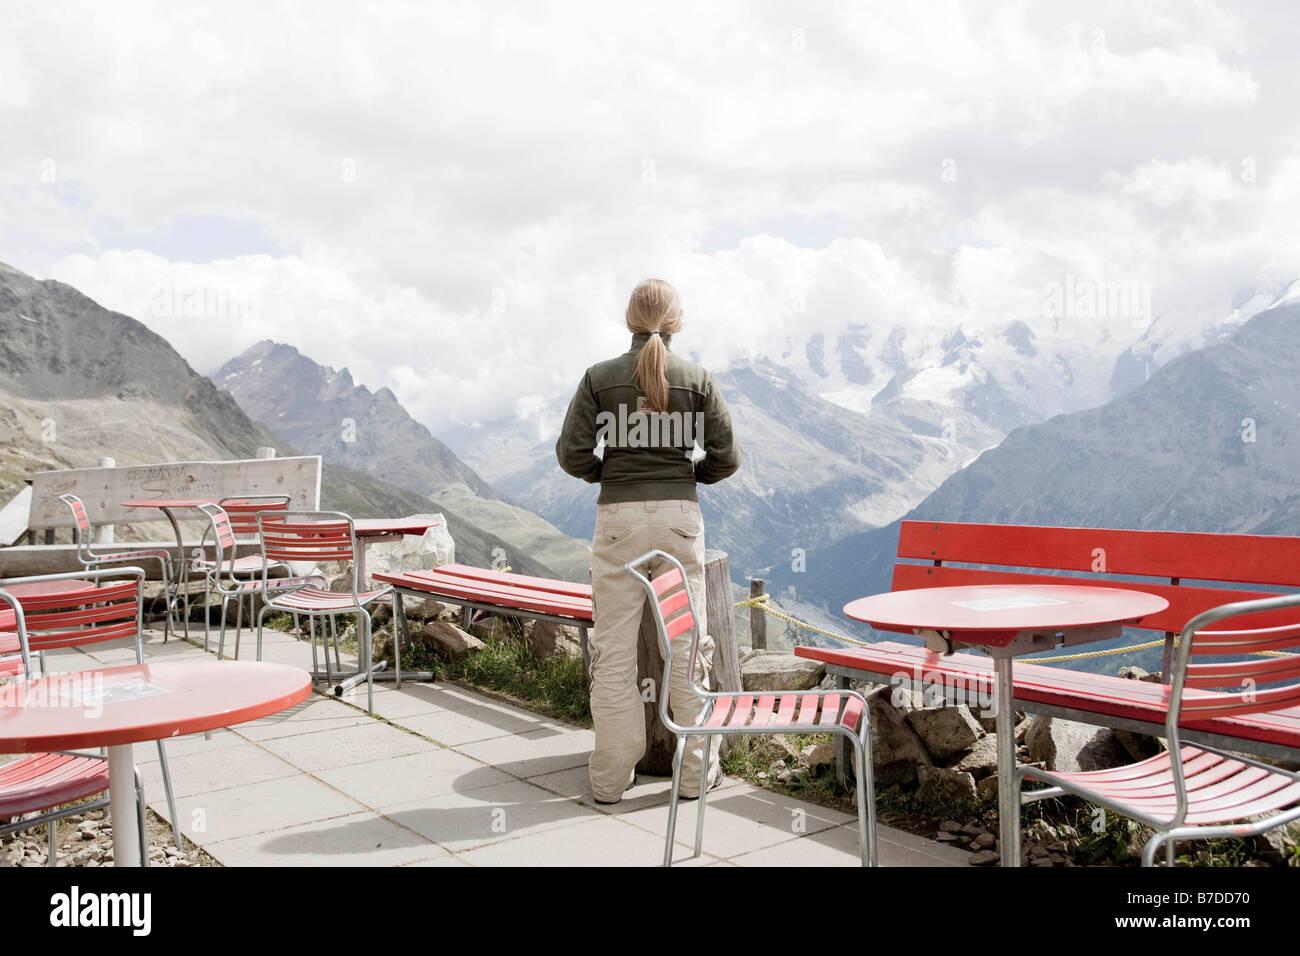 girl using binocular to view mountains - Stock Image